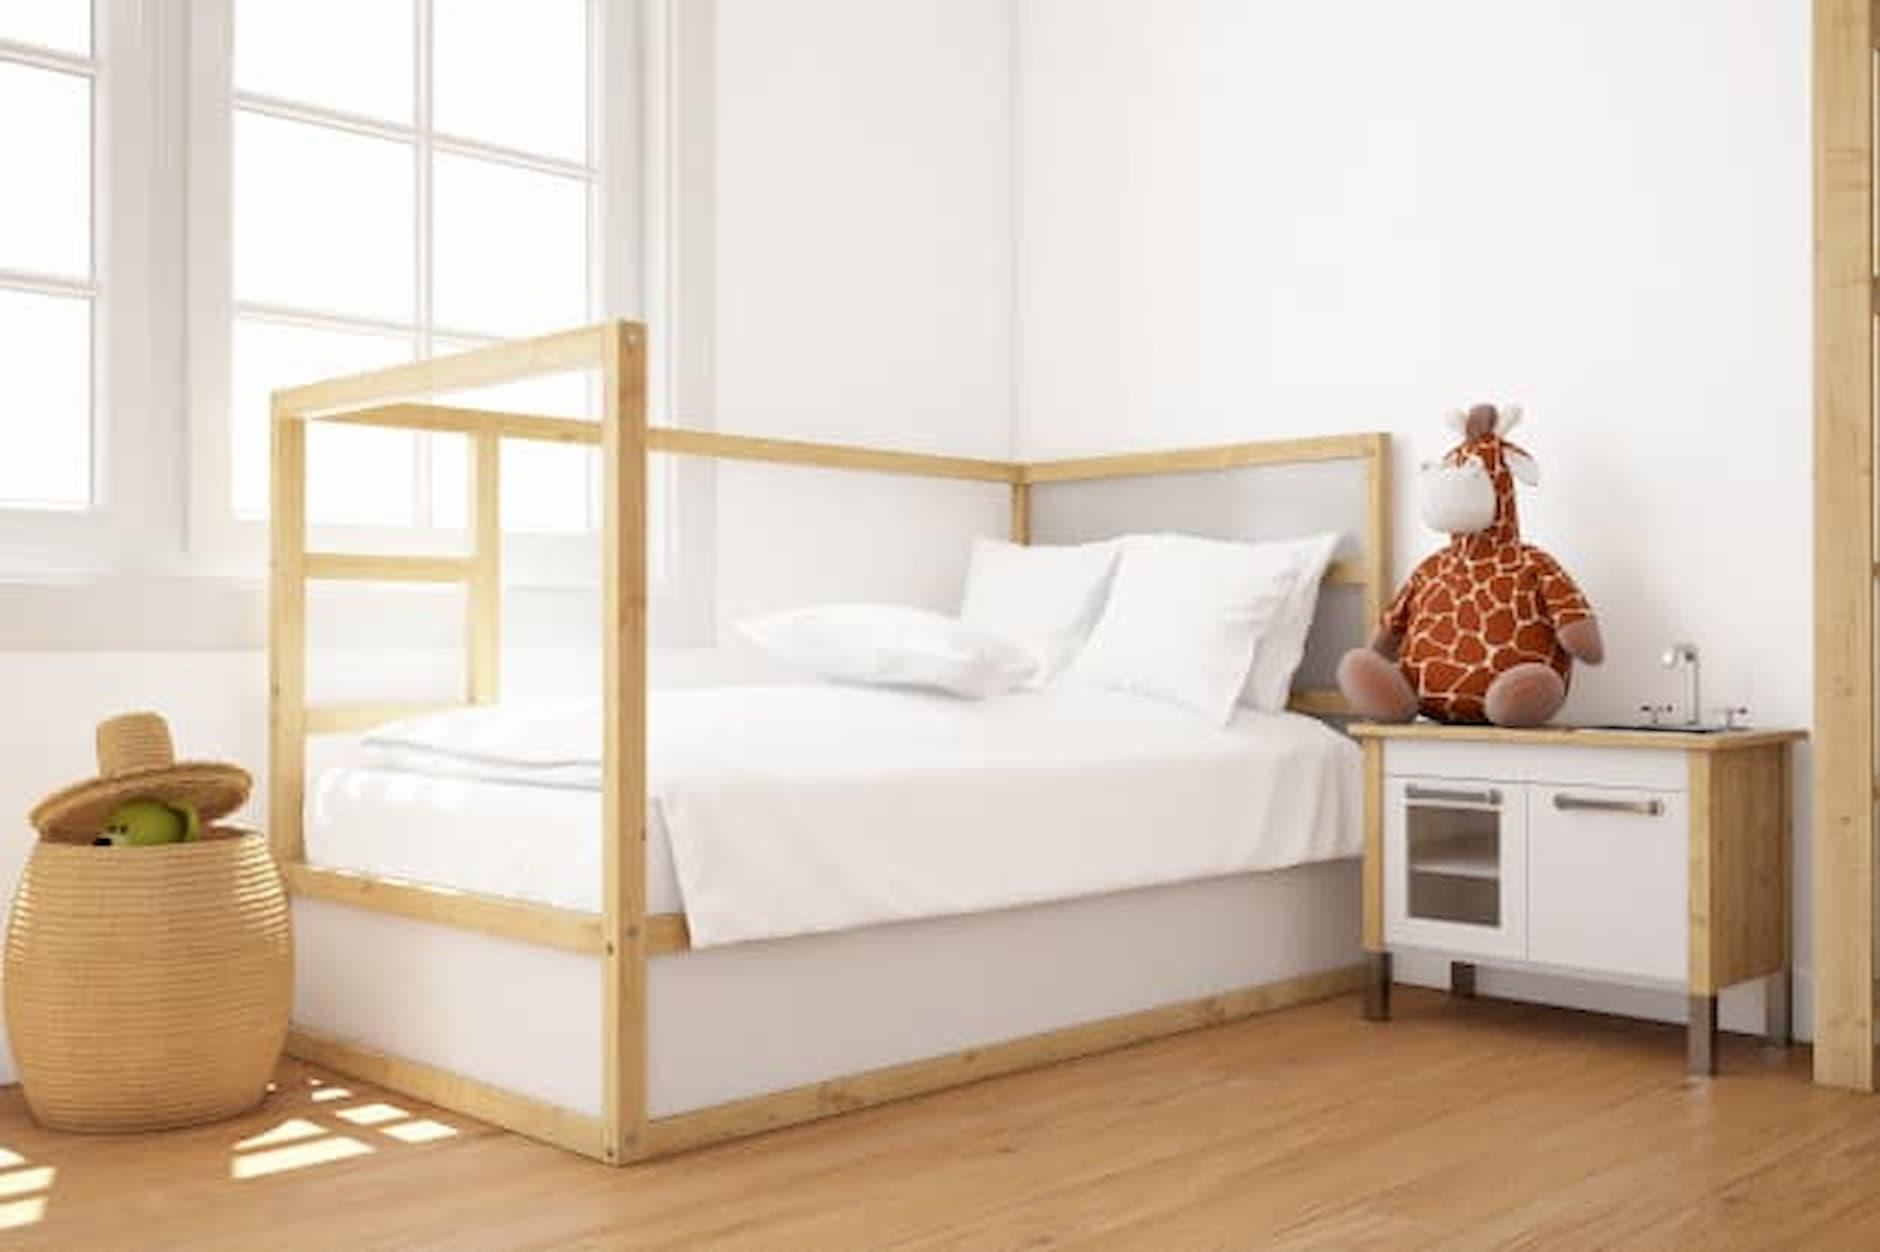 detska-postel-s-konstrukciou-s-dreva (1)